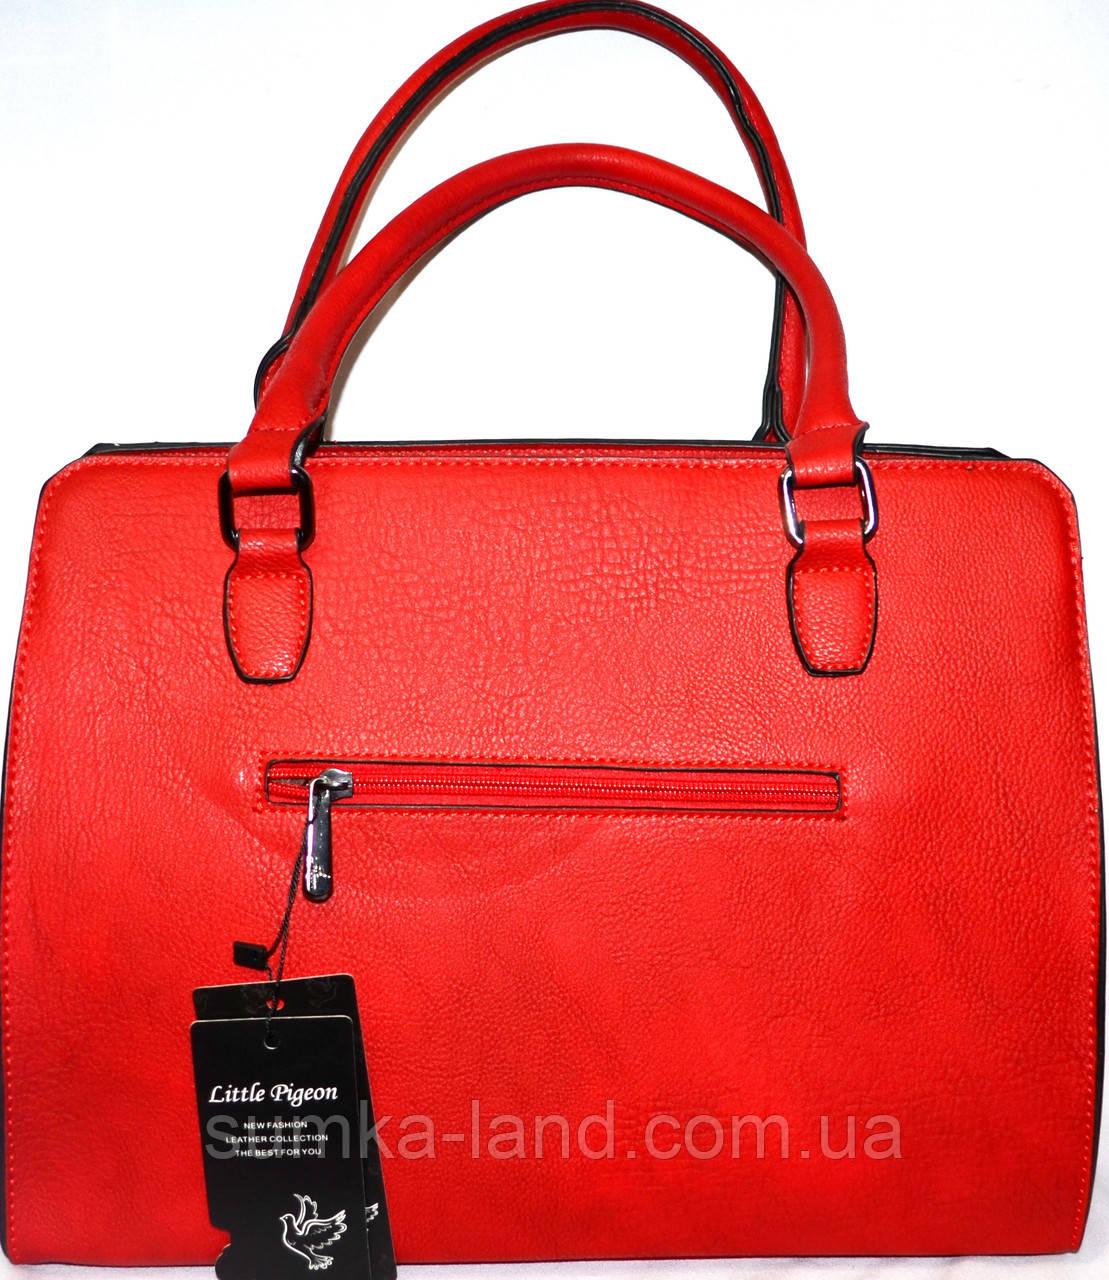 9669002c9dfc Производитель: Китай материал: искусственная кожа+НАТУРАЛЬНАЯ ЗАМША  размеры: 27х30см тип: женская сумка